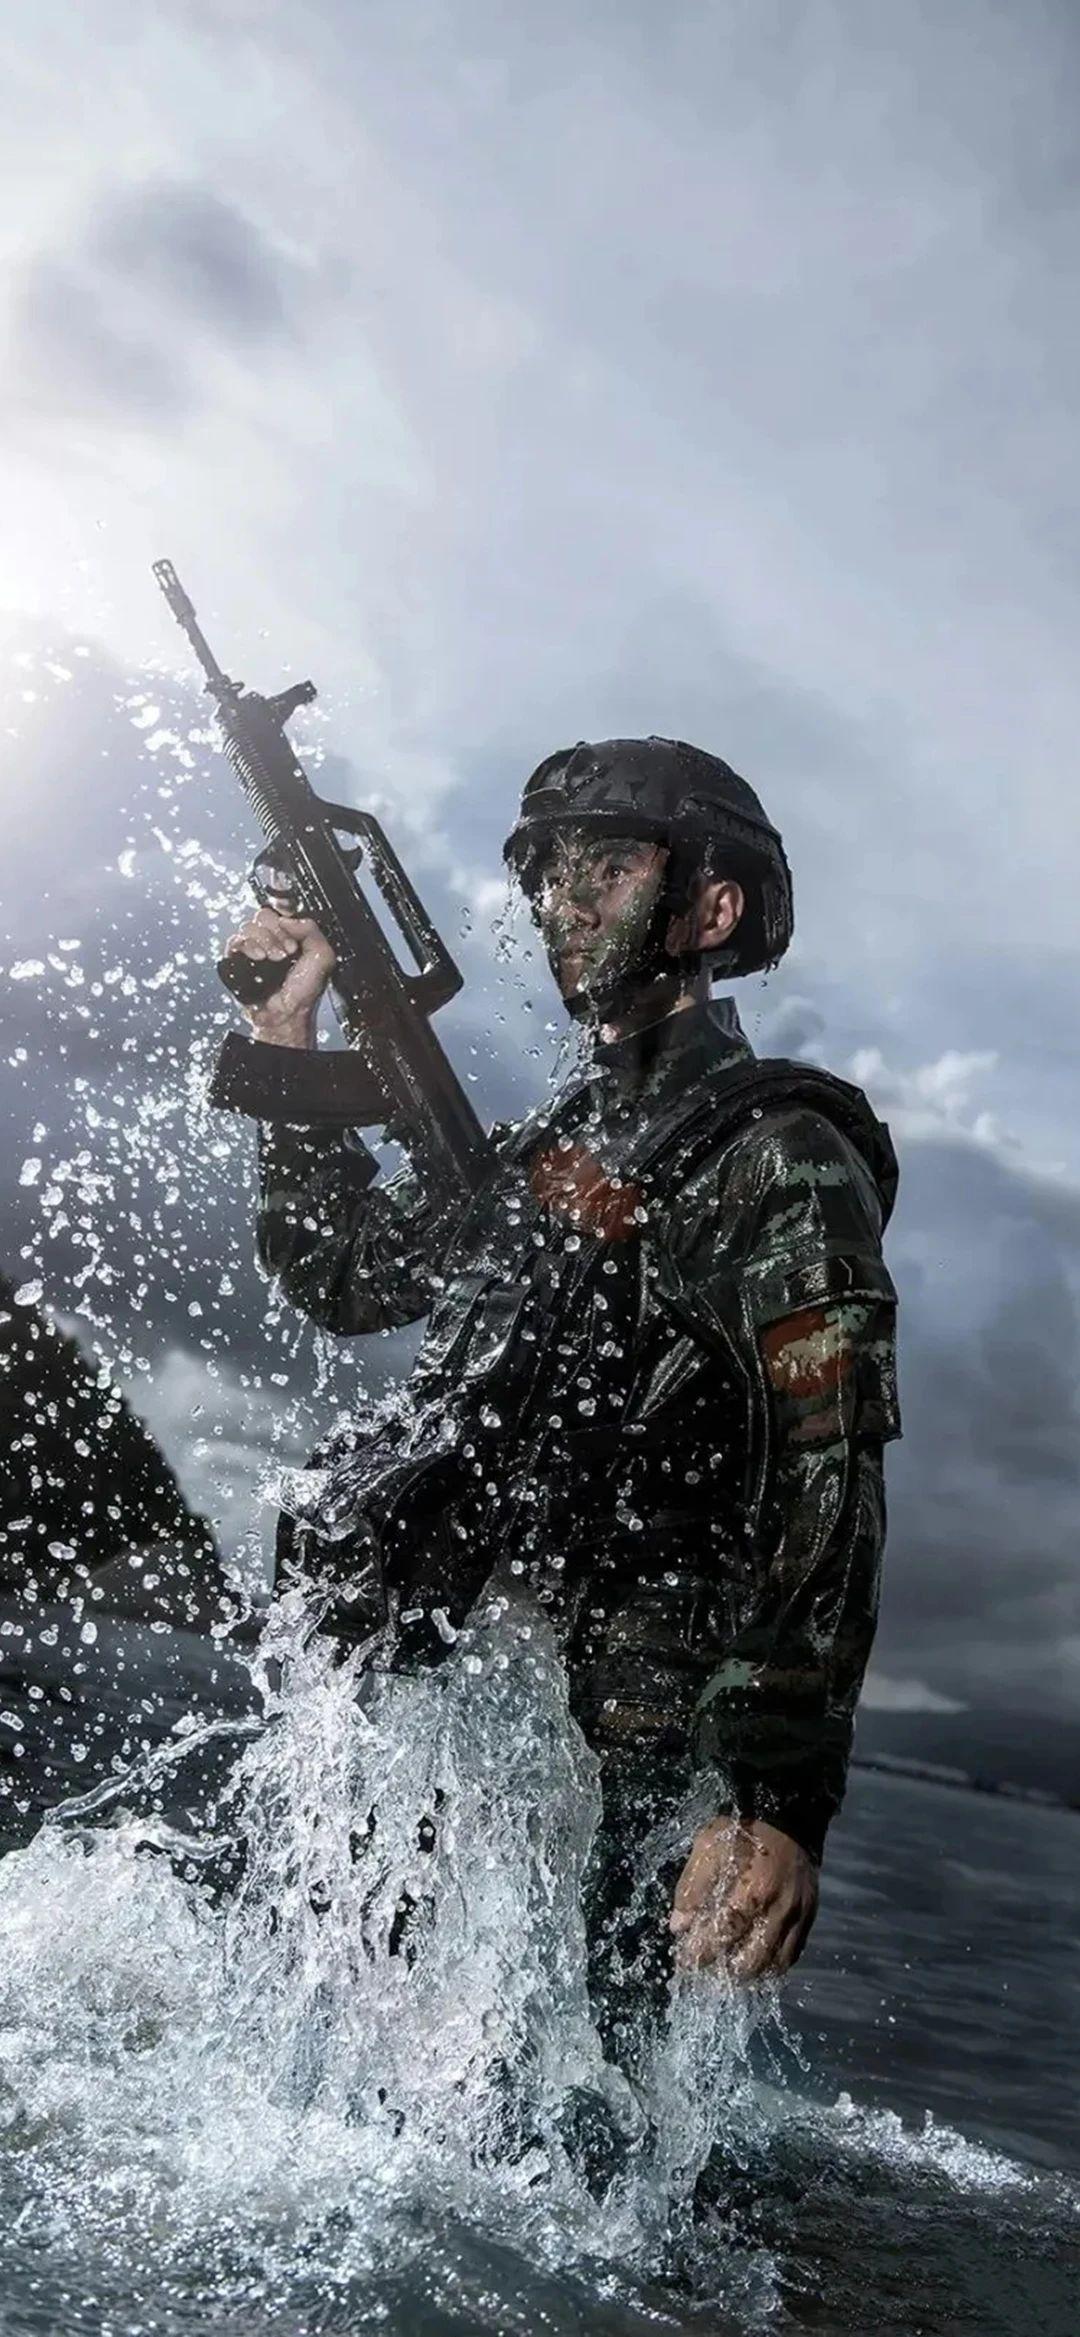 5f4fac607119b - 军人壁纸:哪有什么岁月静好,不过是有人替你负重前行